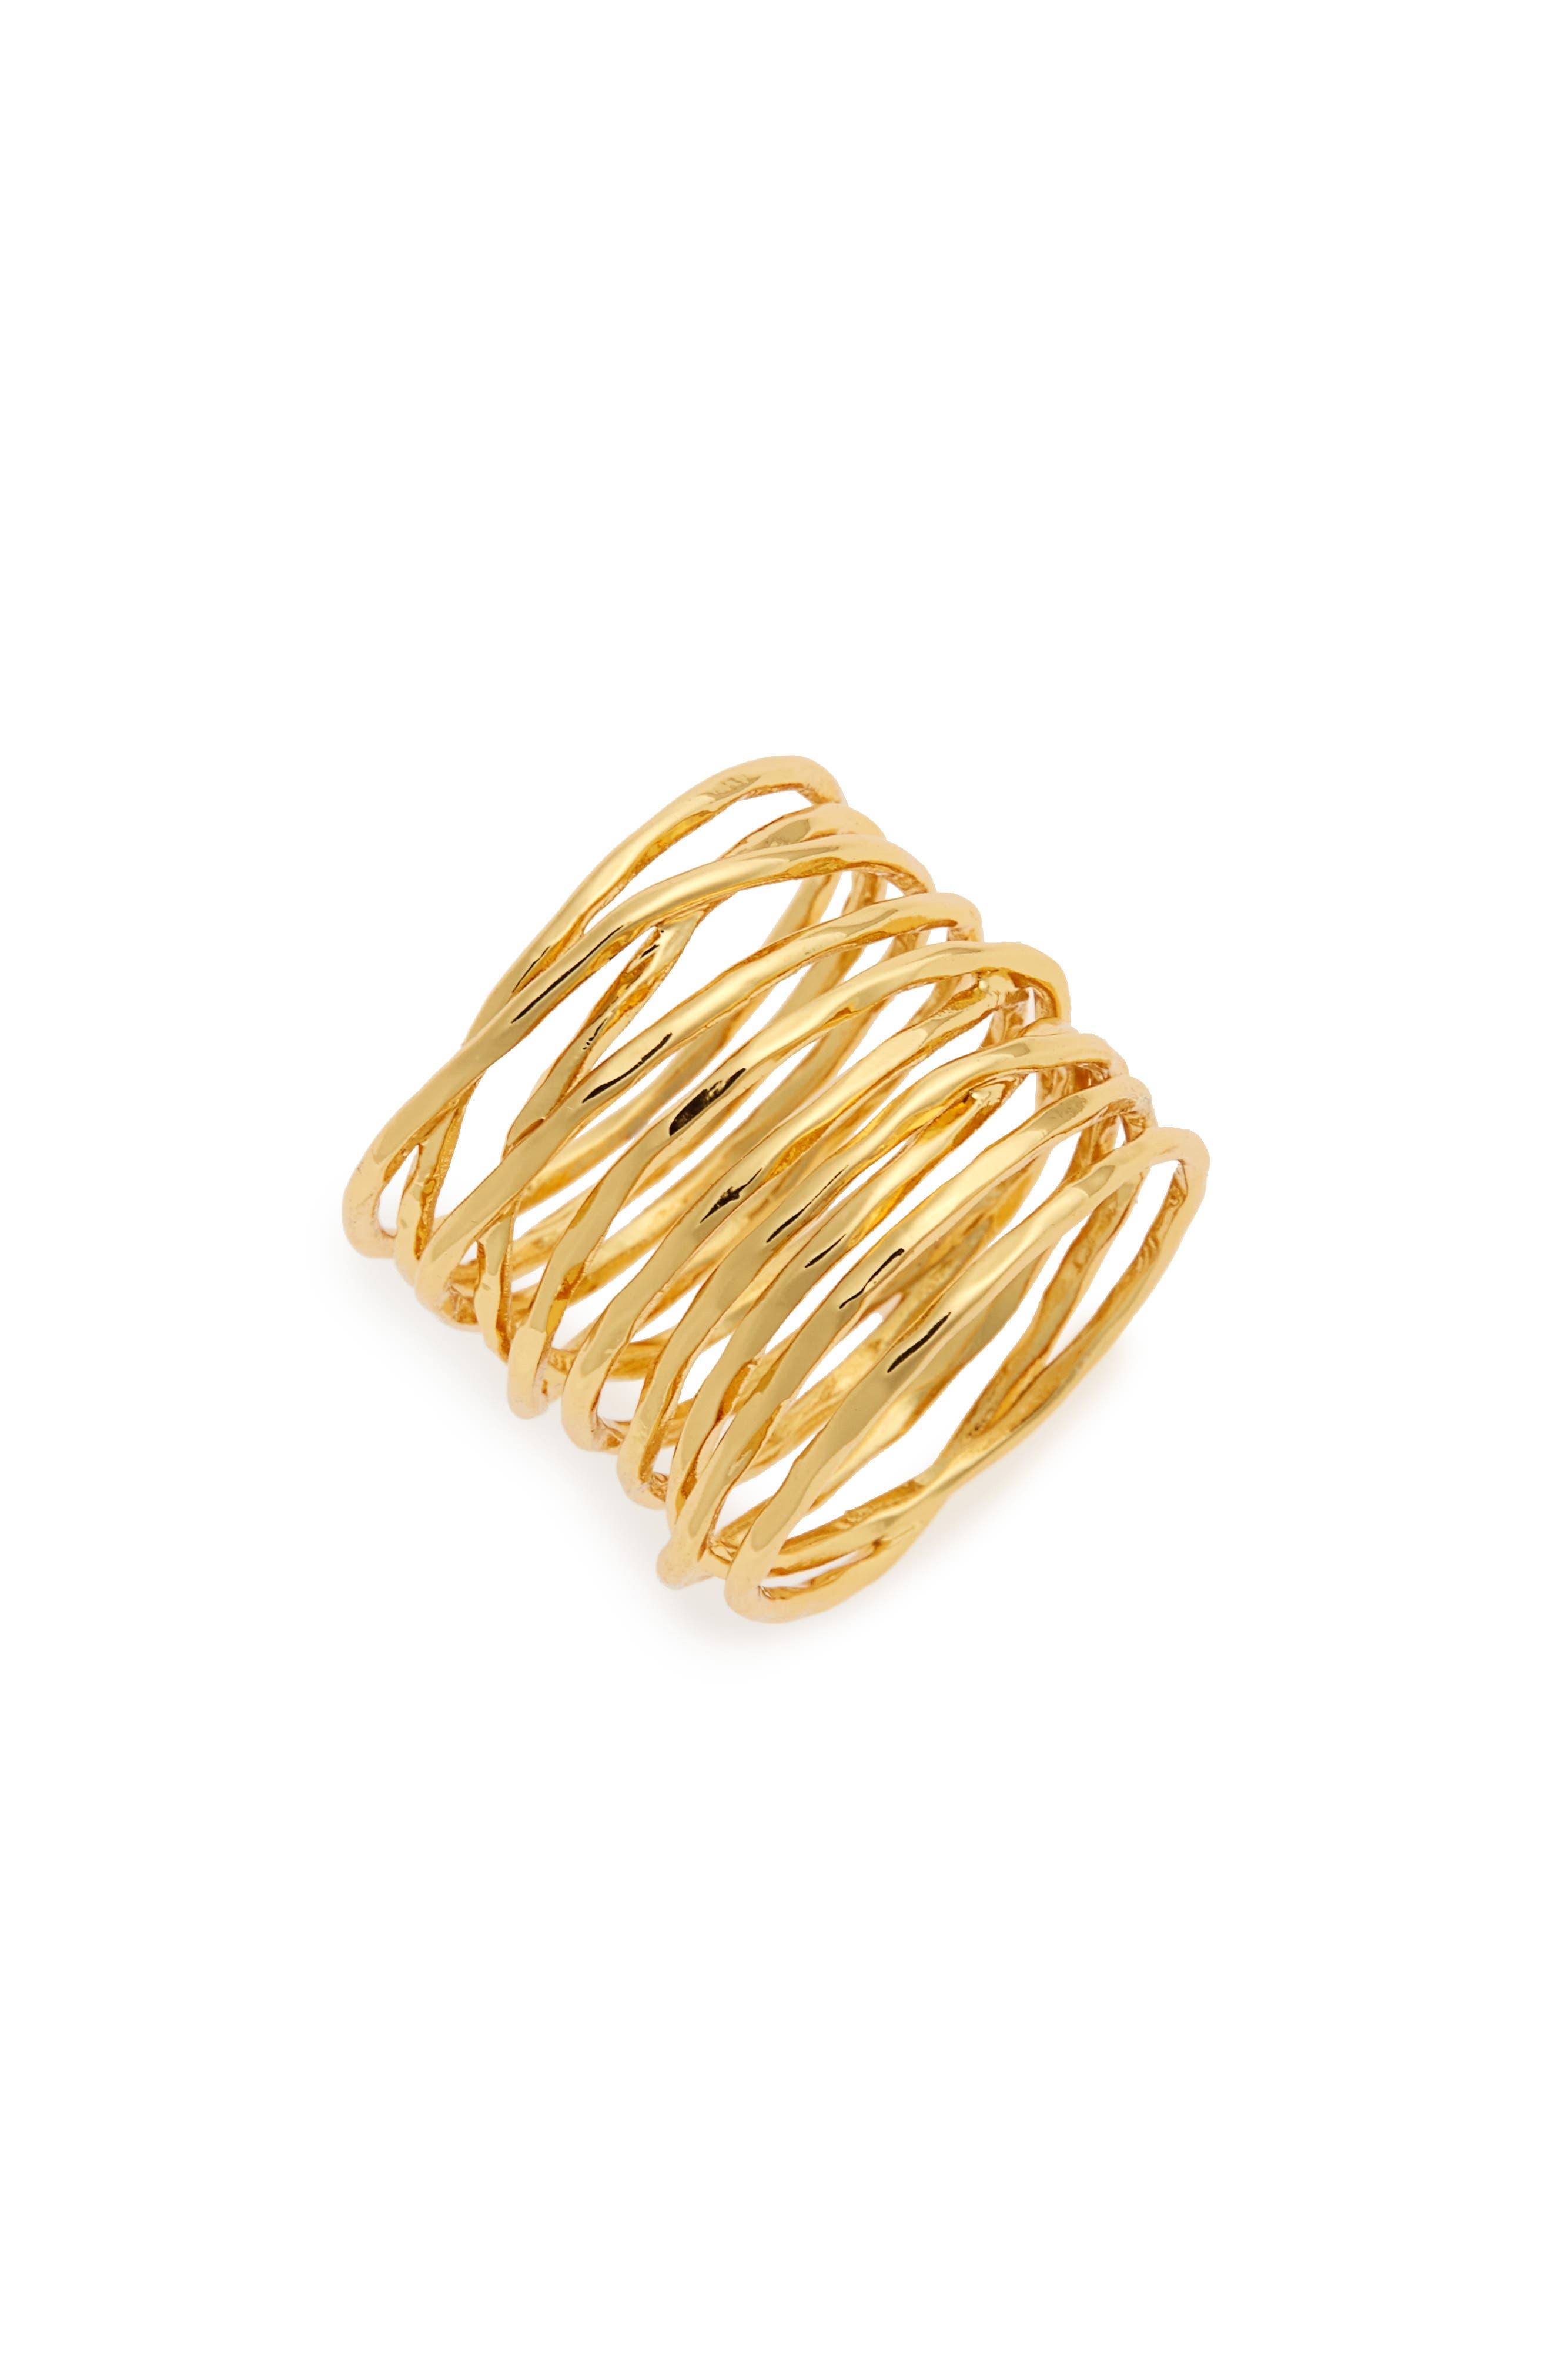 Alternate Image 1 Selected - gorjana 'Lola' Coil Ring